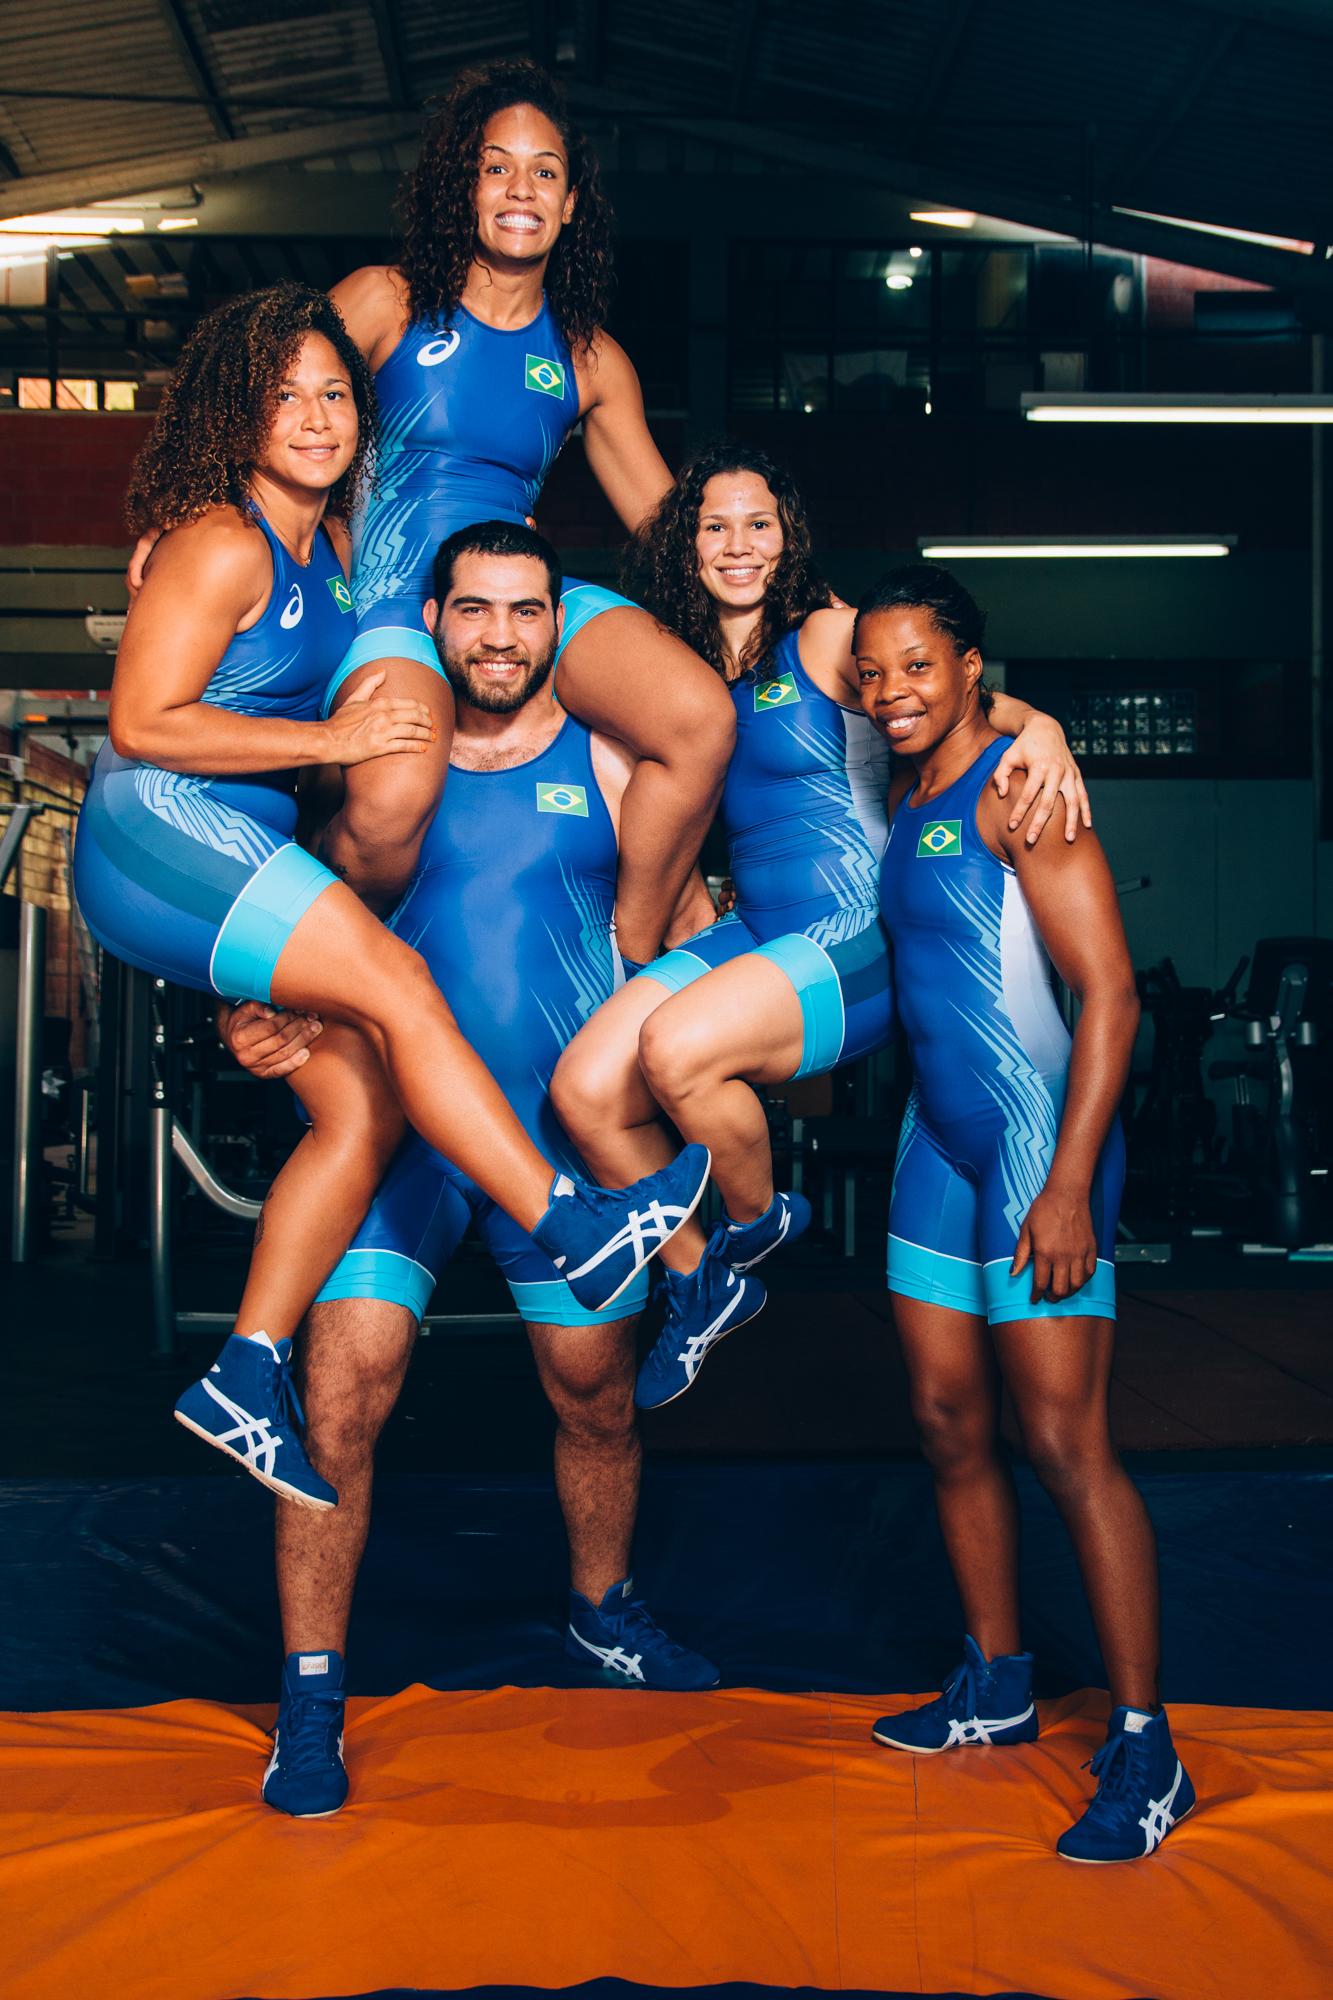 equipe_brasileira